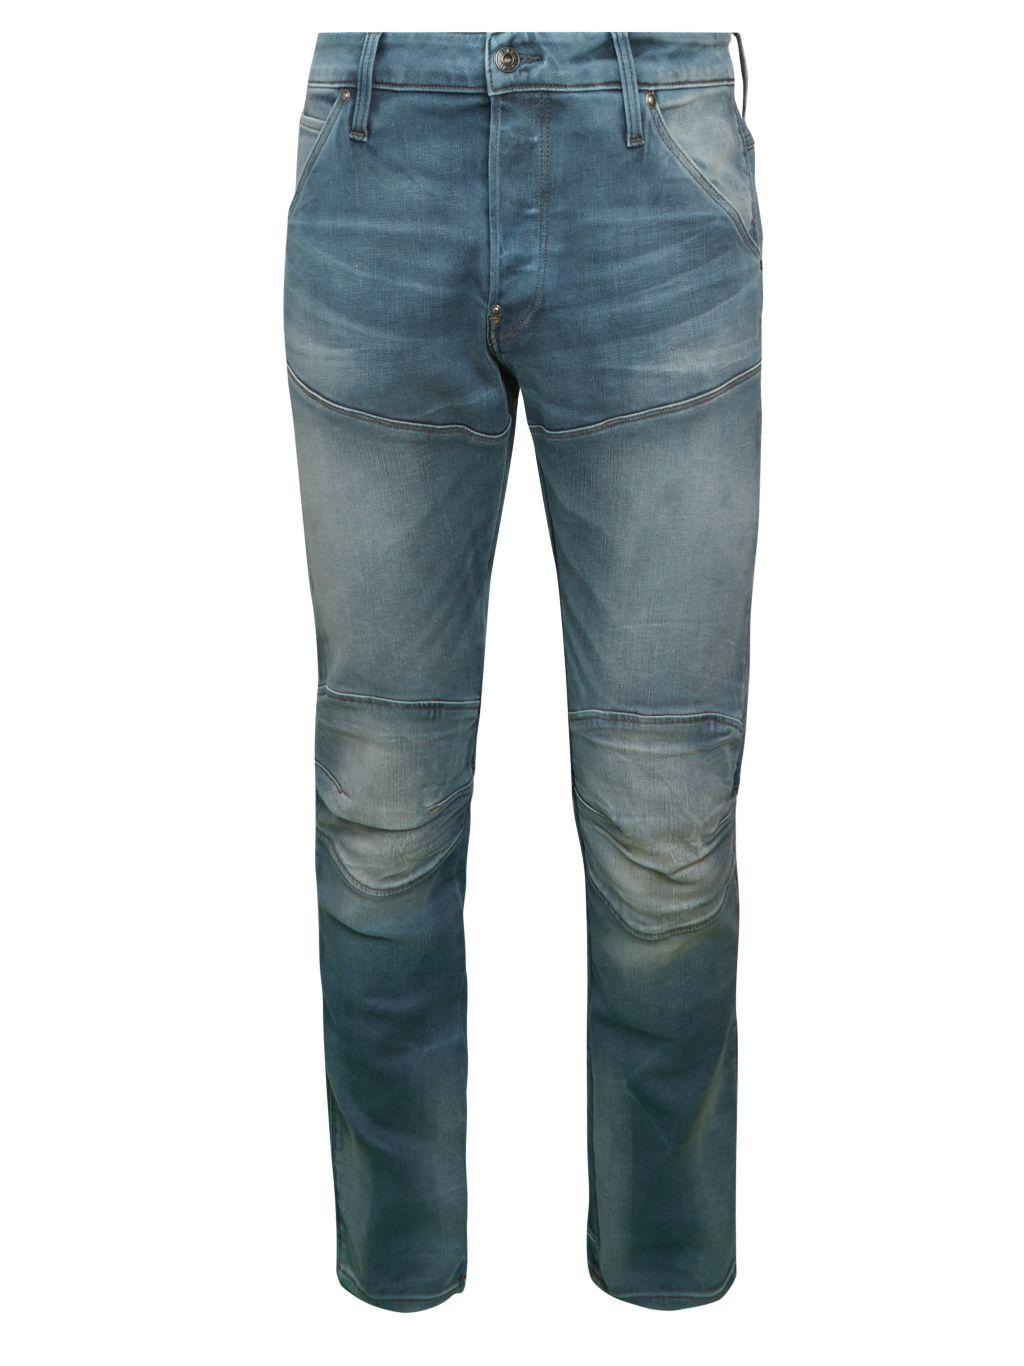 G-Star RAW 5620 3D Slim-Fit Jeans